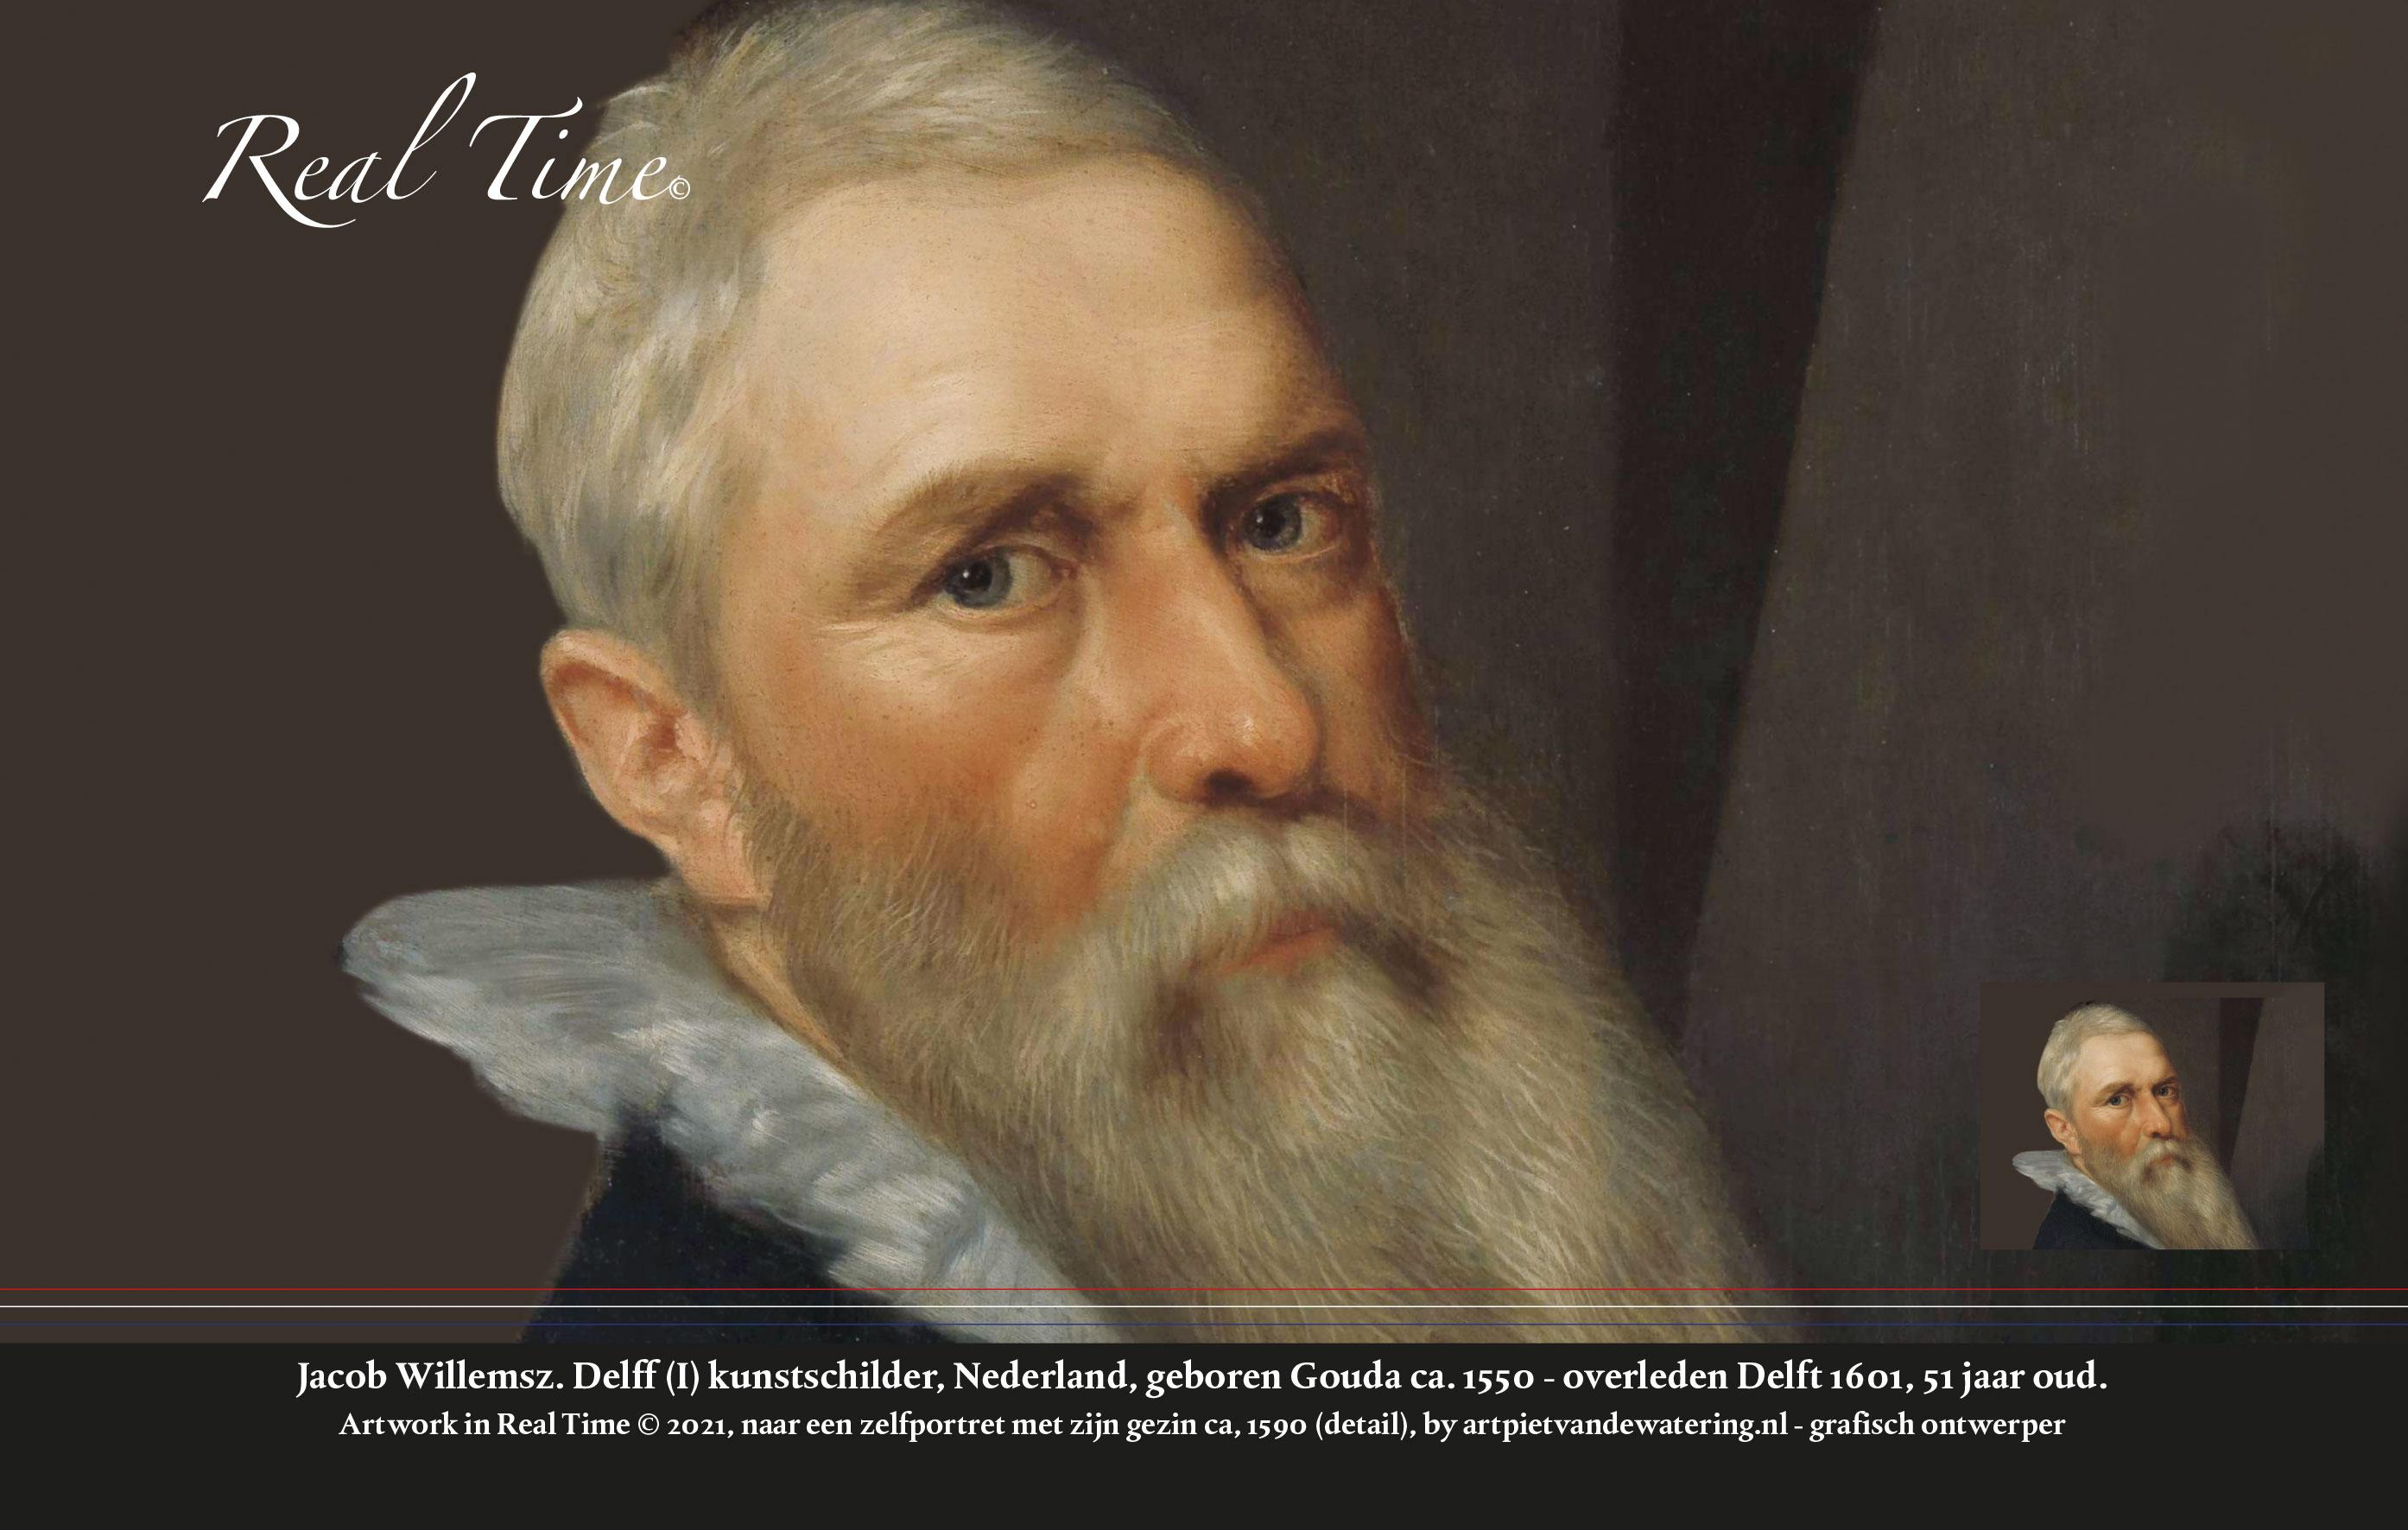 Jacob-Willemsz-Delff-1-1550-1601